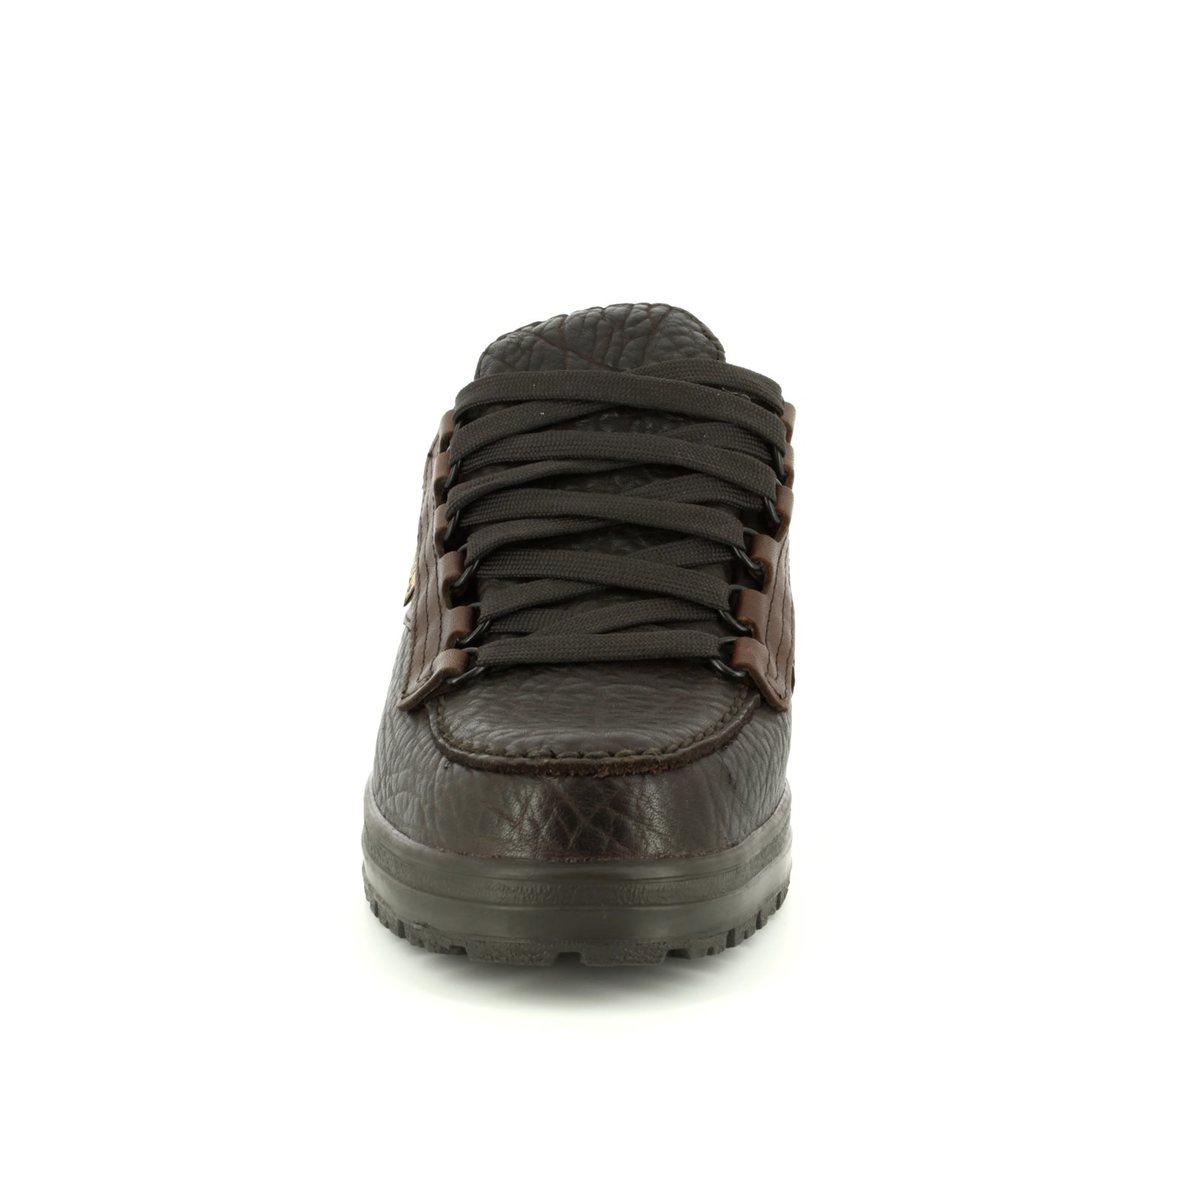 a198e66e73f7a1 Mephisto Casual Shoes - Dark brown - B815C85/751 BREAK GORE-TEX